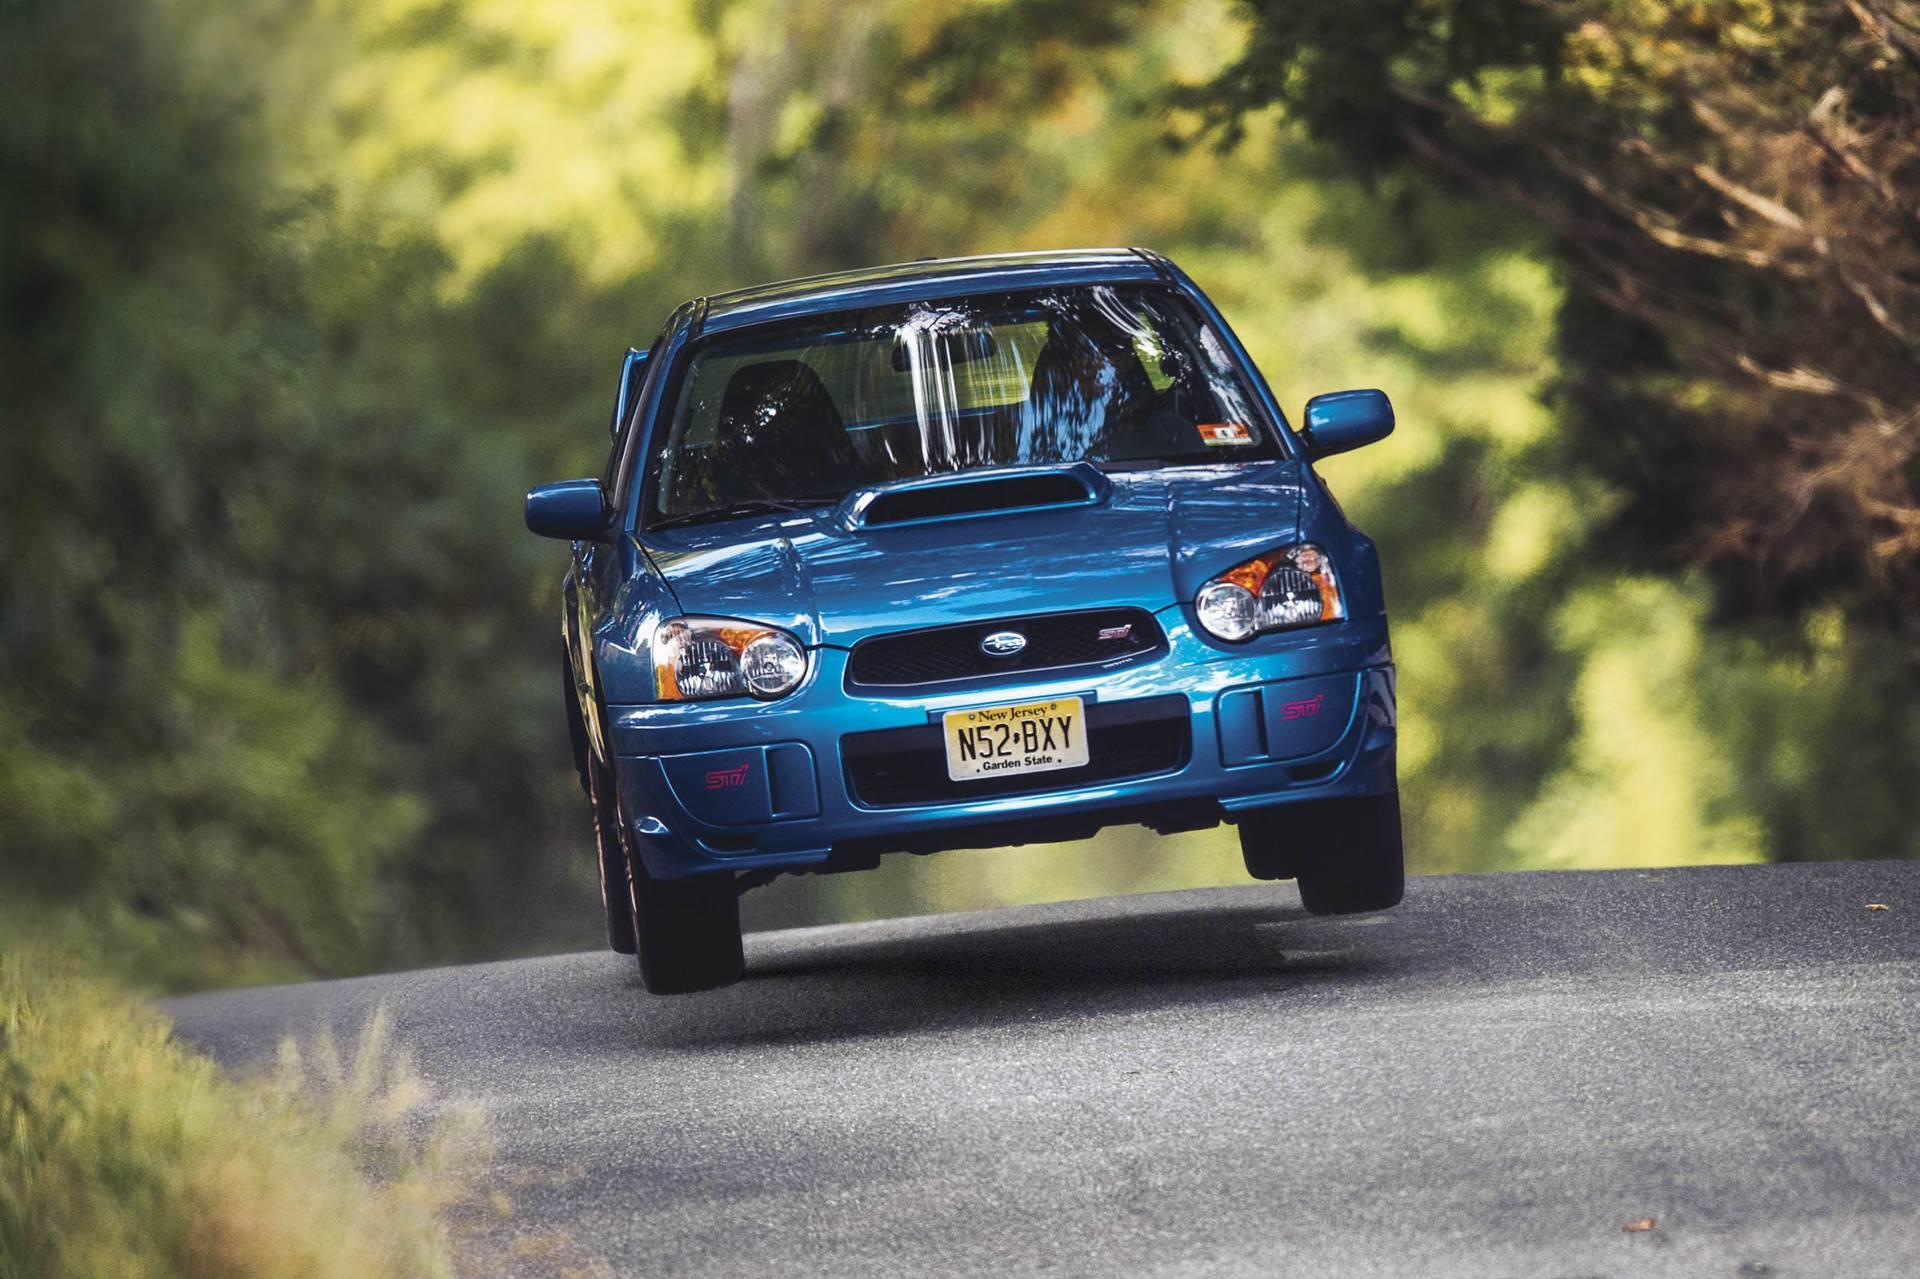 DW Burnett 2004 Subaru WRX STI